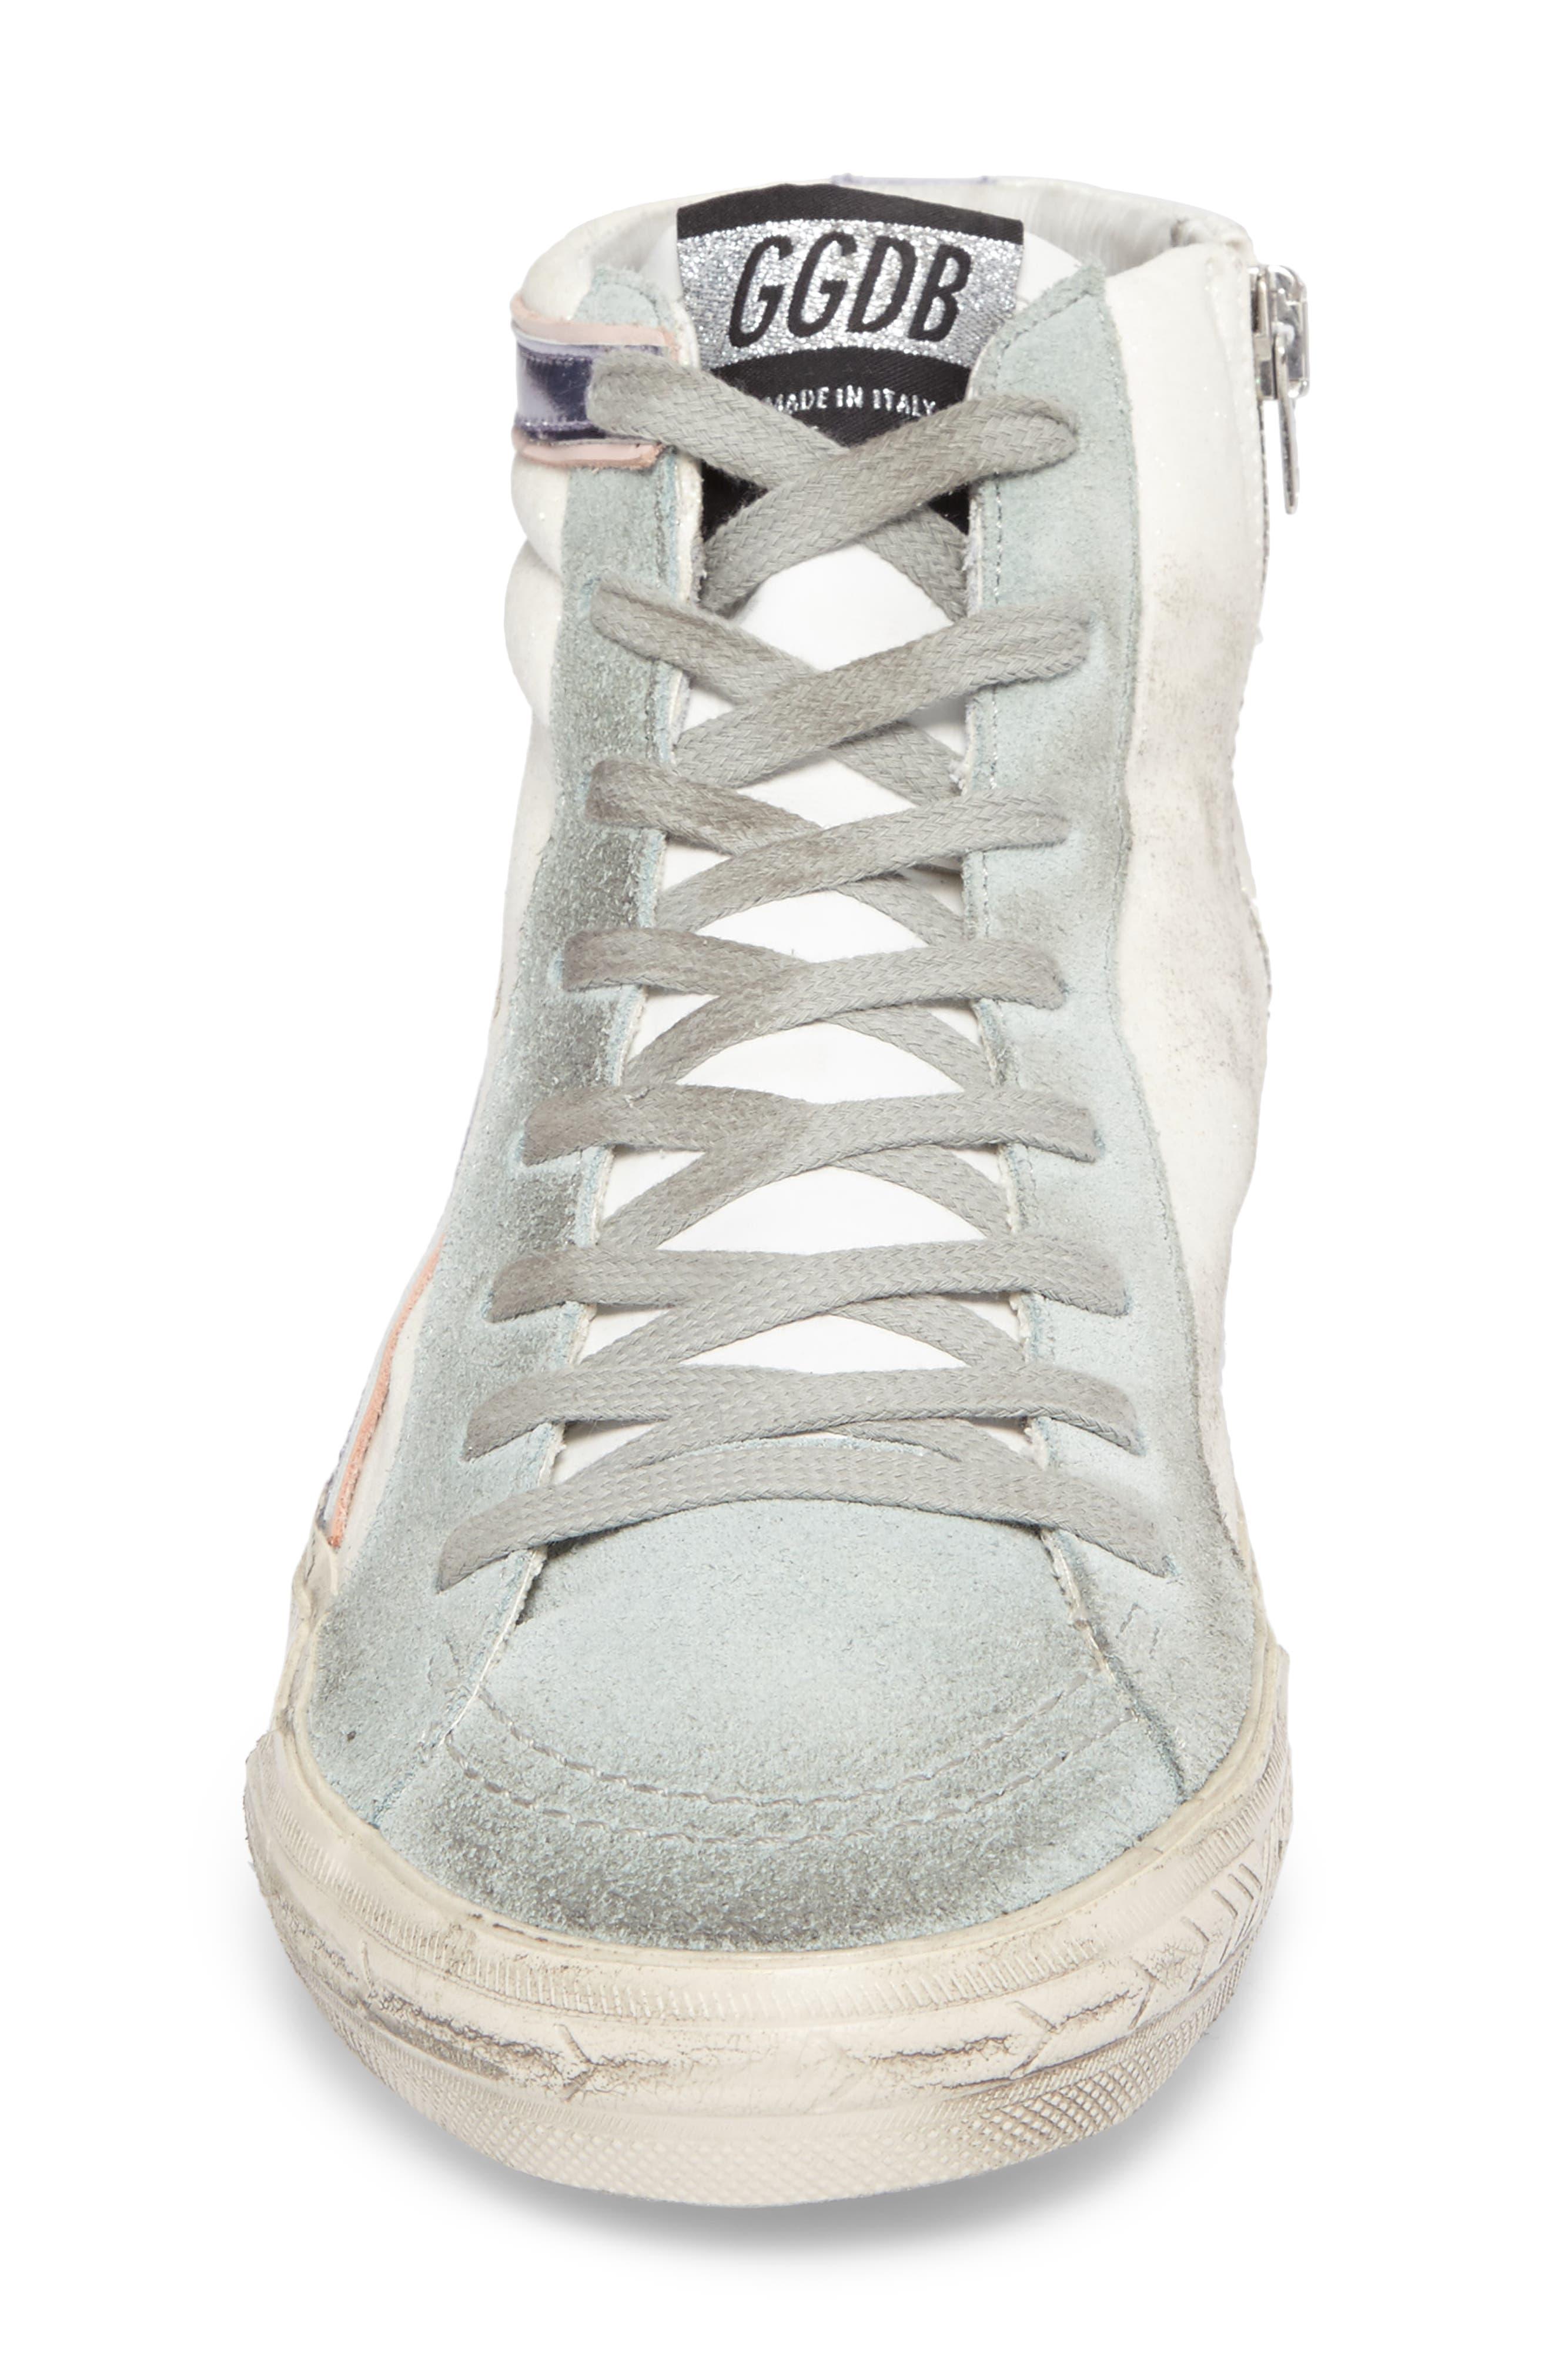 Slide High Top Sneaker,                             Alternate thumbnail 4, color,                             White/ Mint Green